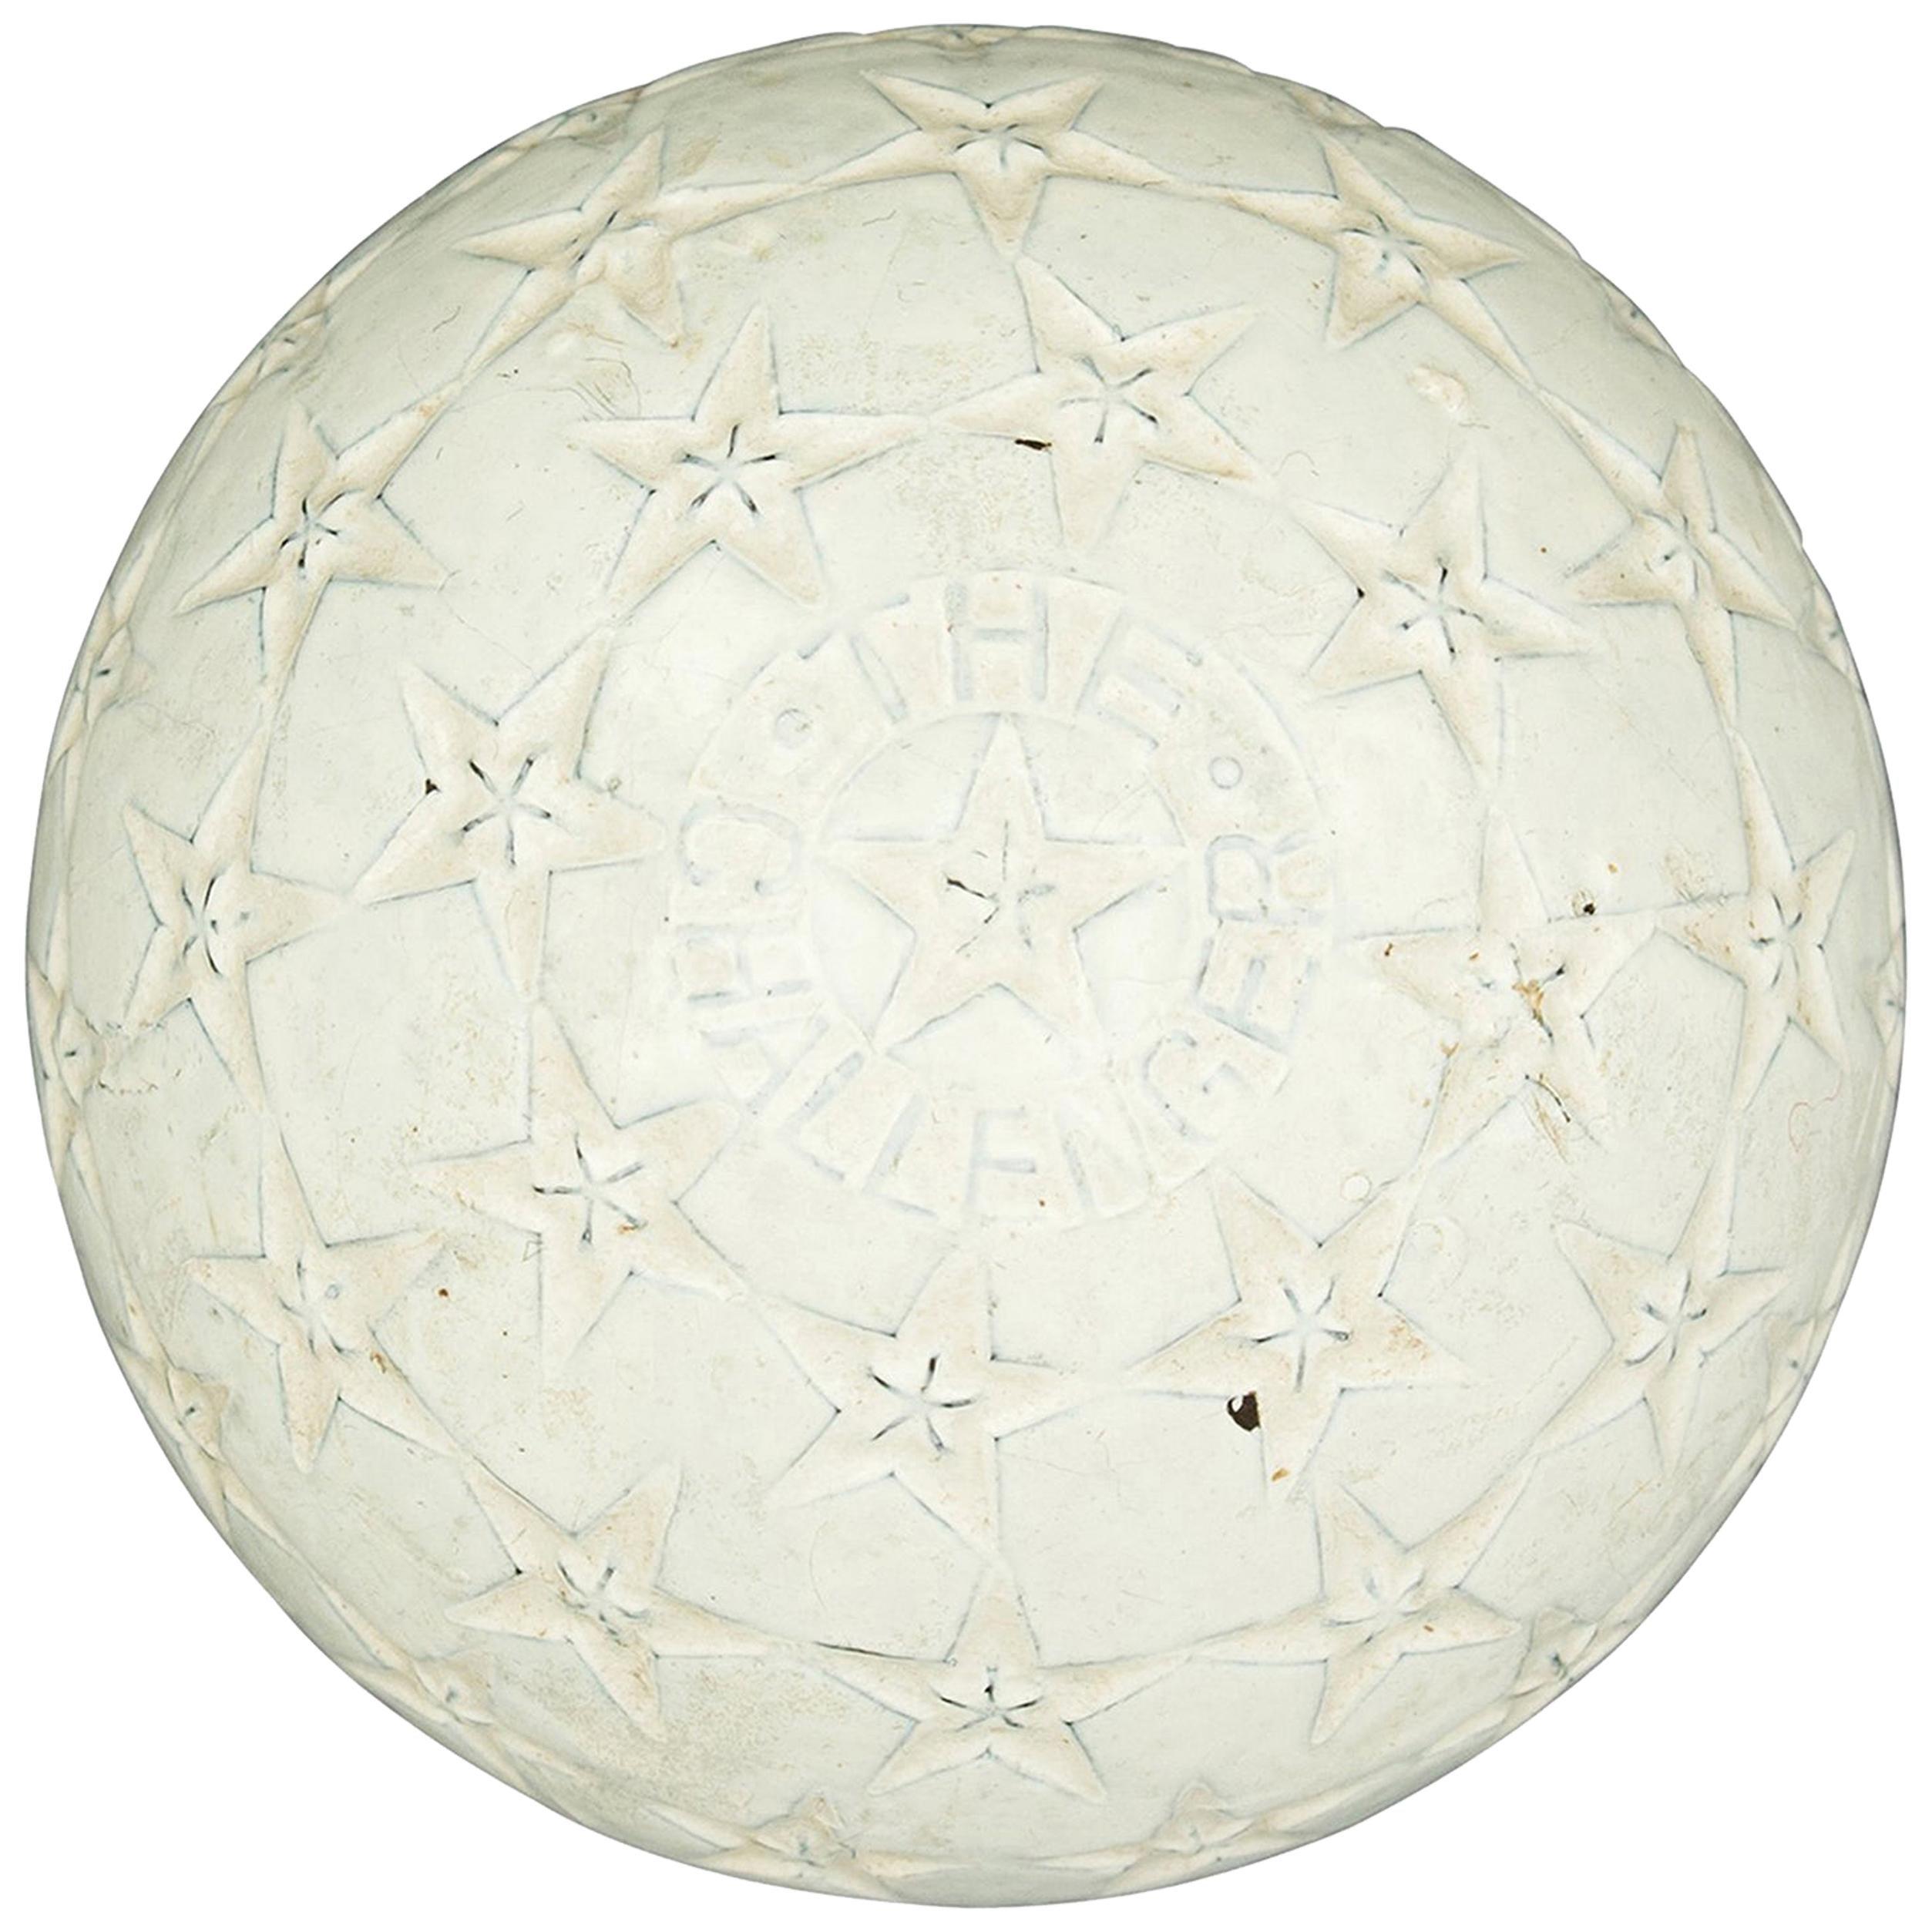 Antique Golf Ball Star Challenger, Rubber Core, Star Design Pattern